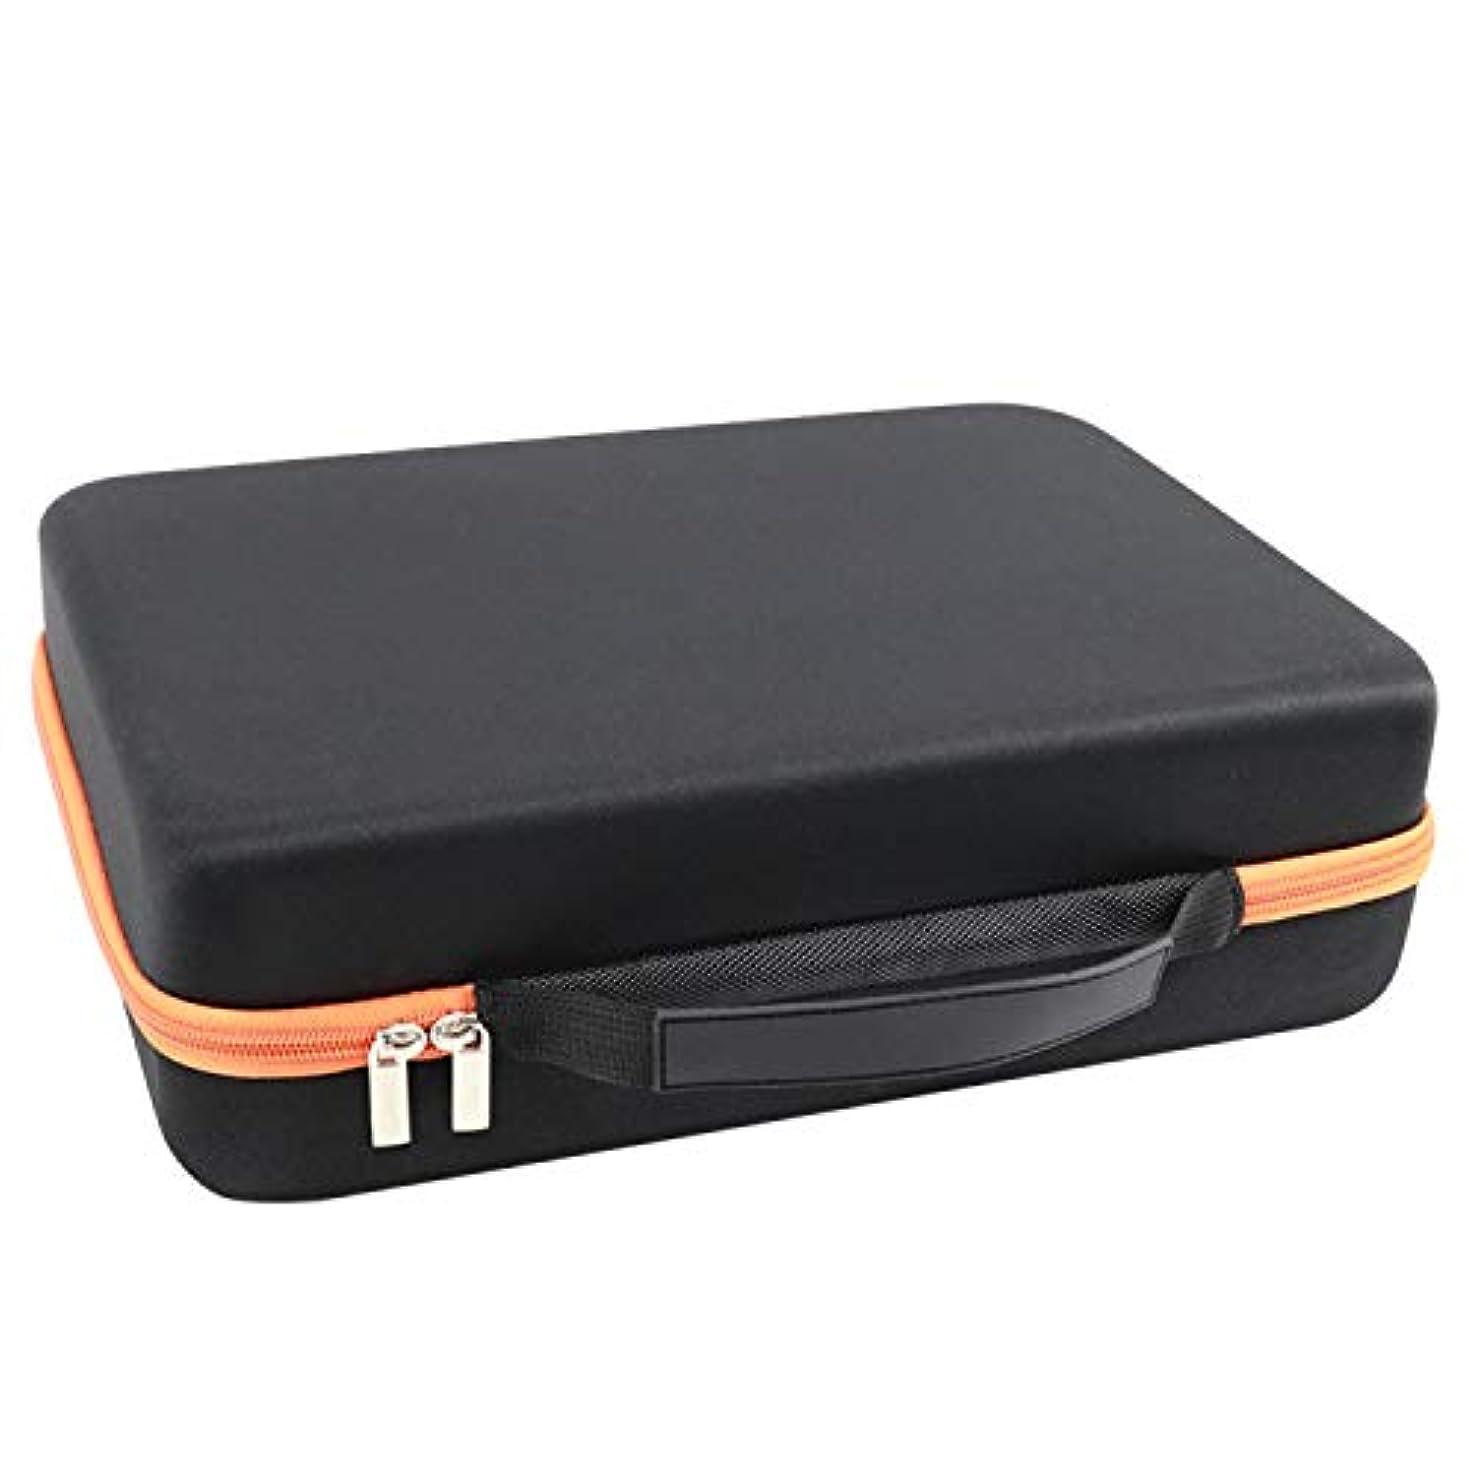 セメントサルベージポールMigavan 70グリッド15ミリリットルエッセンシャルオイル ケース 携帯用 アロマケース メイクポーチ 精油ケース 大容量 アロマセラピストポーチエッセンシャルオイルトラベルケース